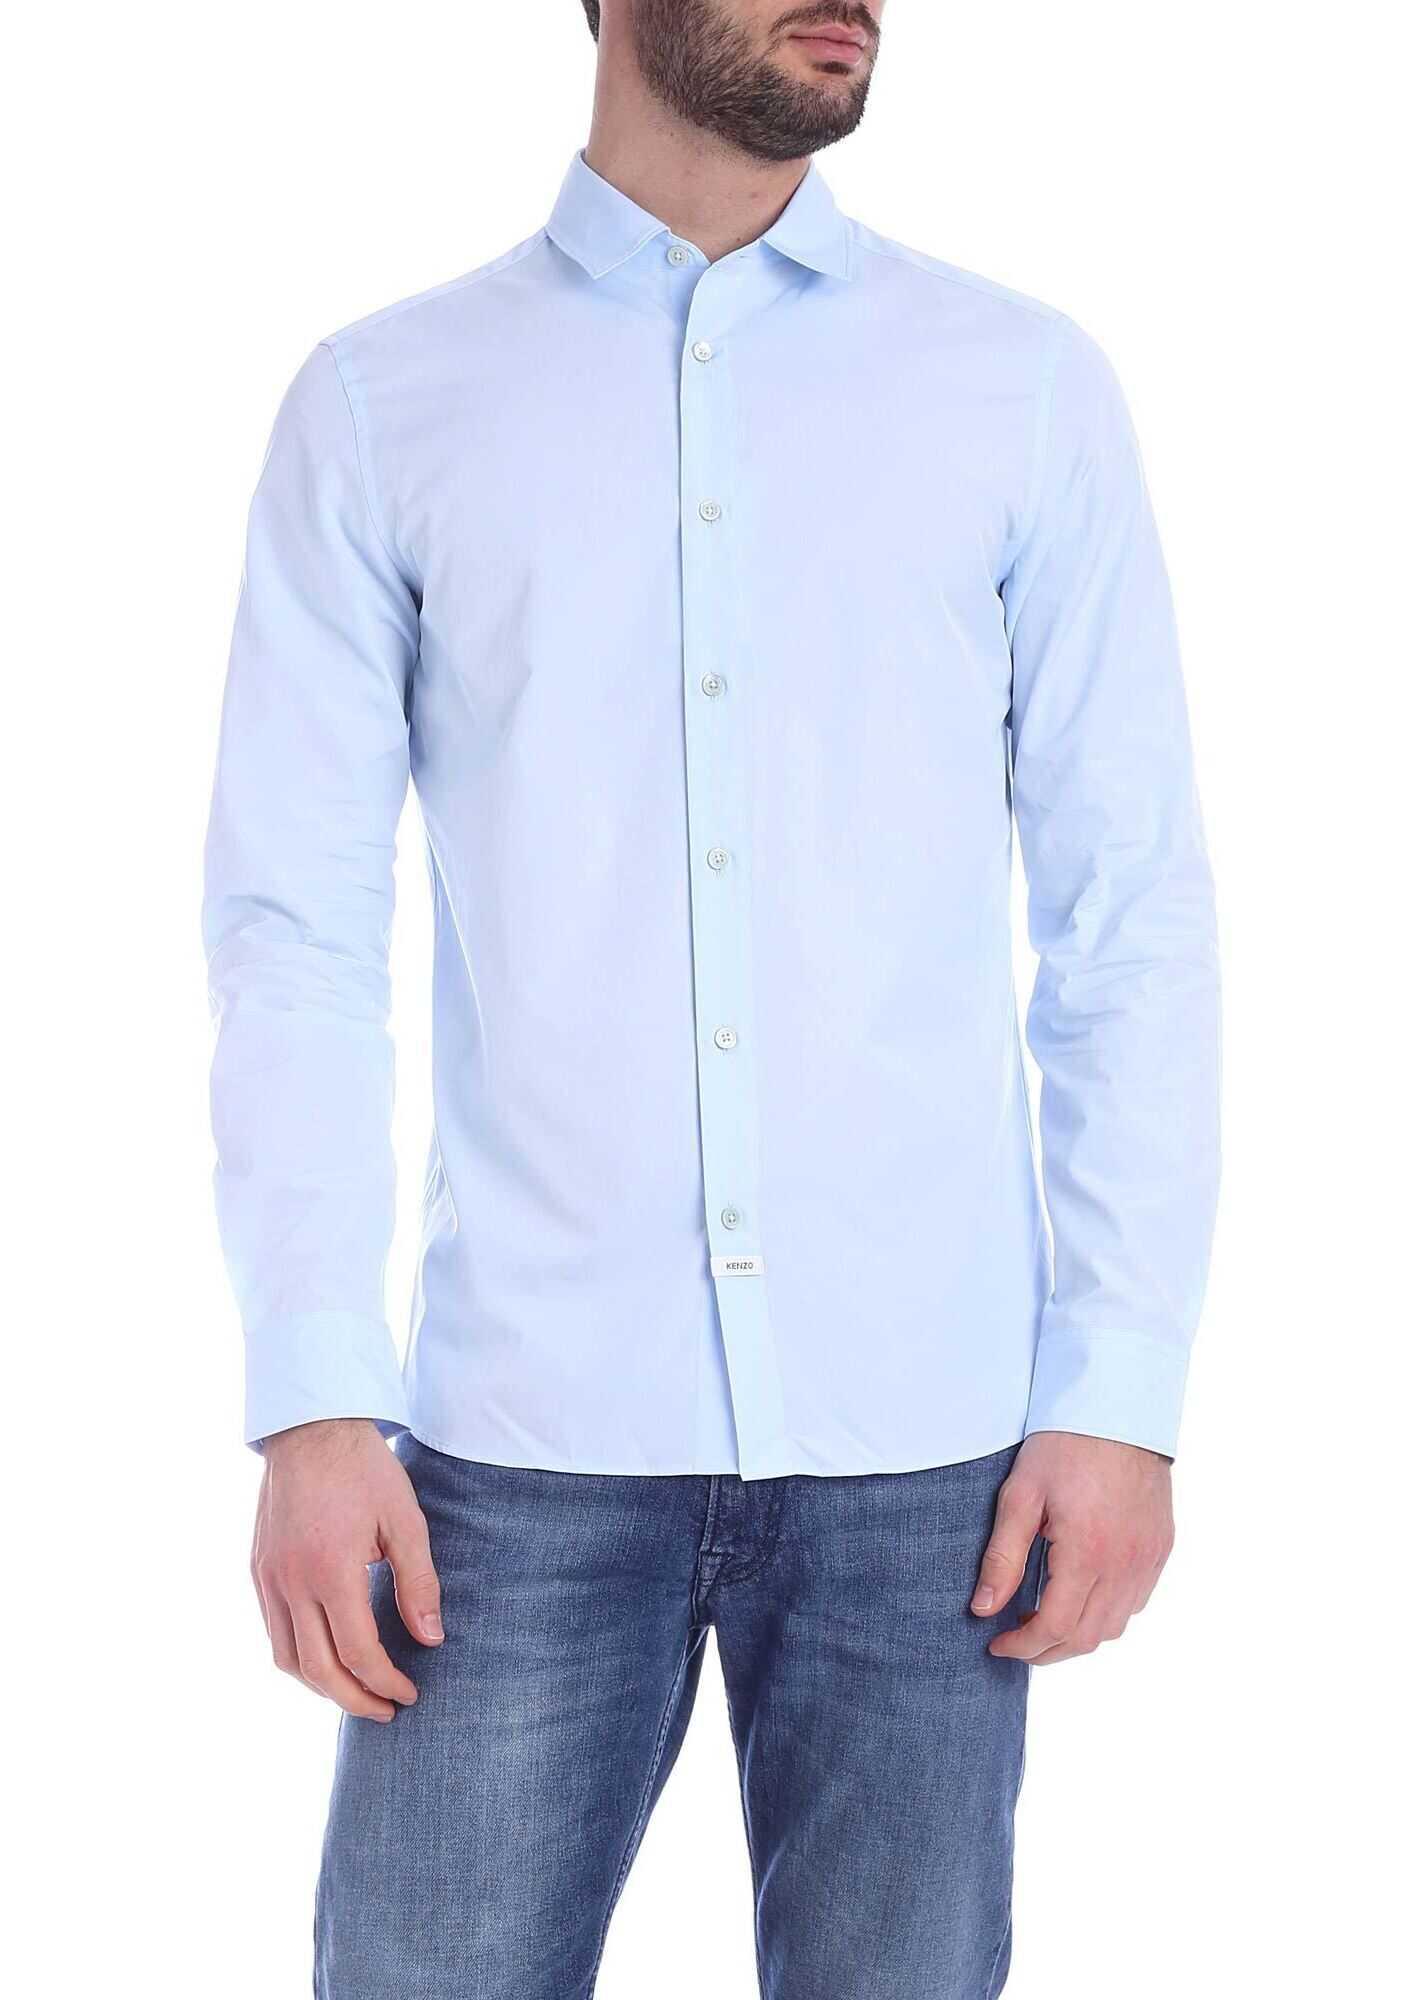 Kenzo Seasonal Black Kenzo Shirt In Light Blue Light Blue imagine